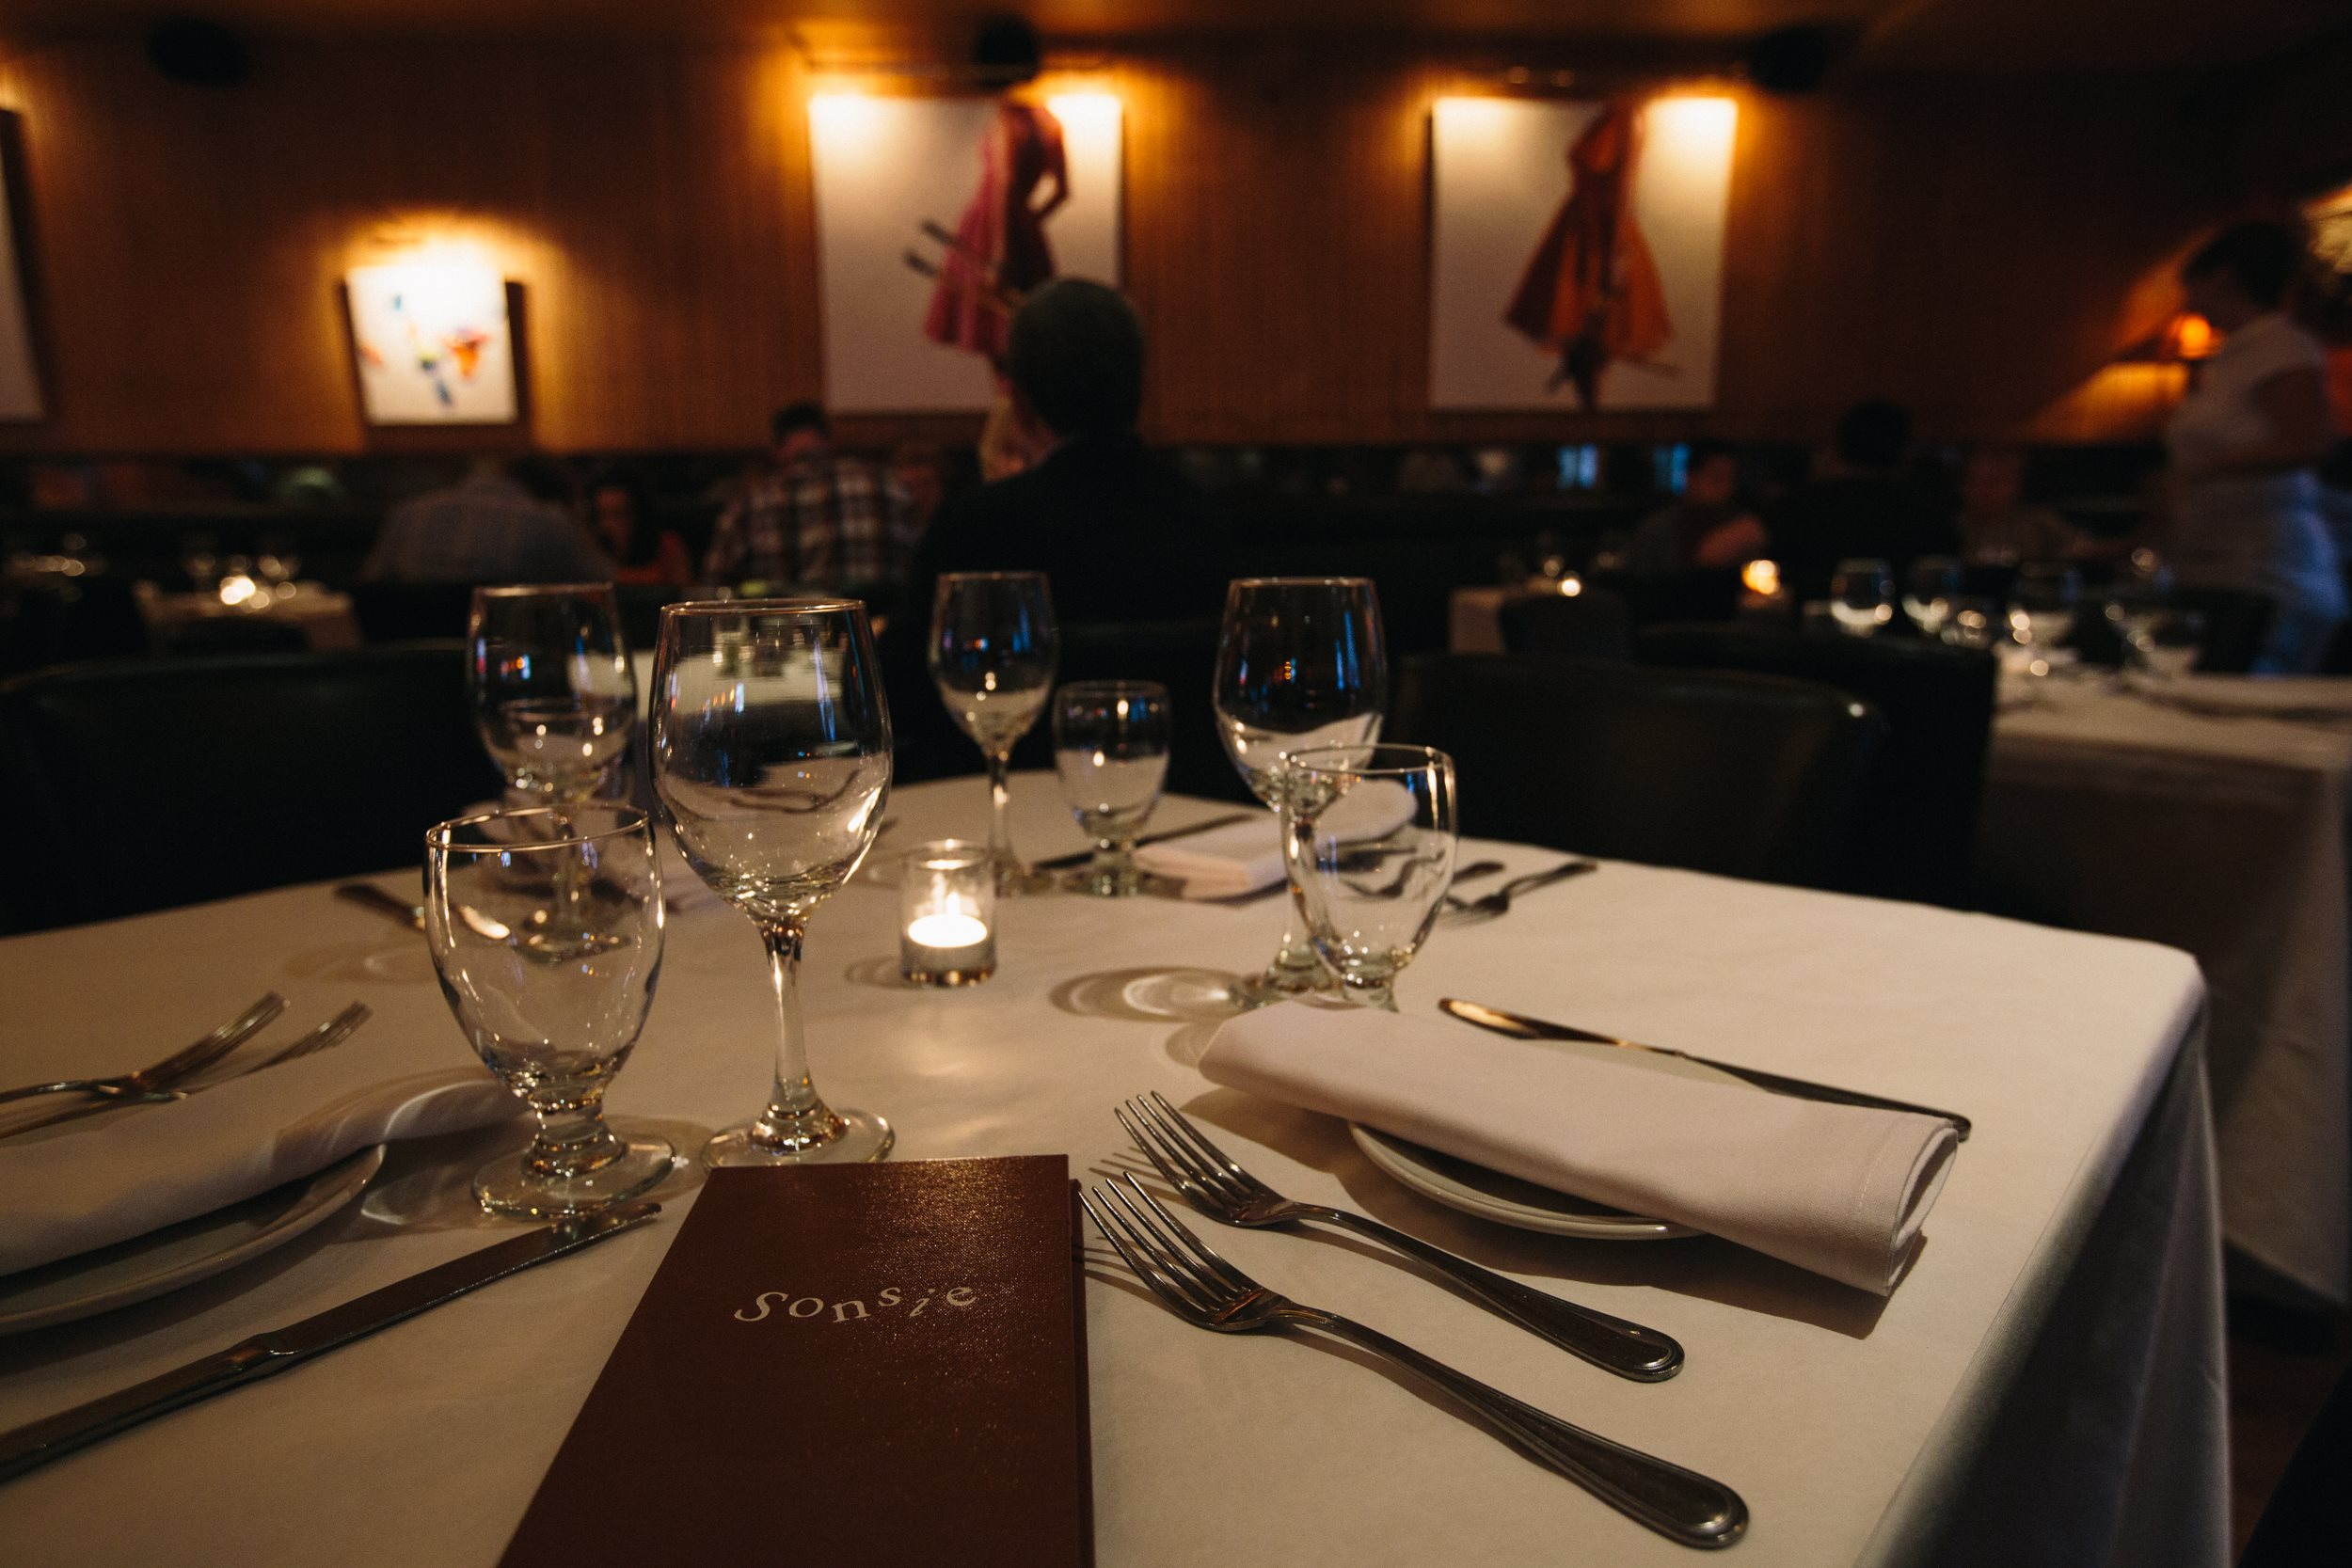 Boston trendy restaurants / Gutter cleaning charlotte nc